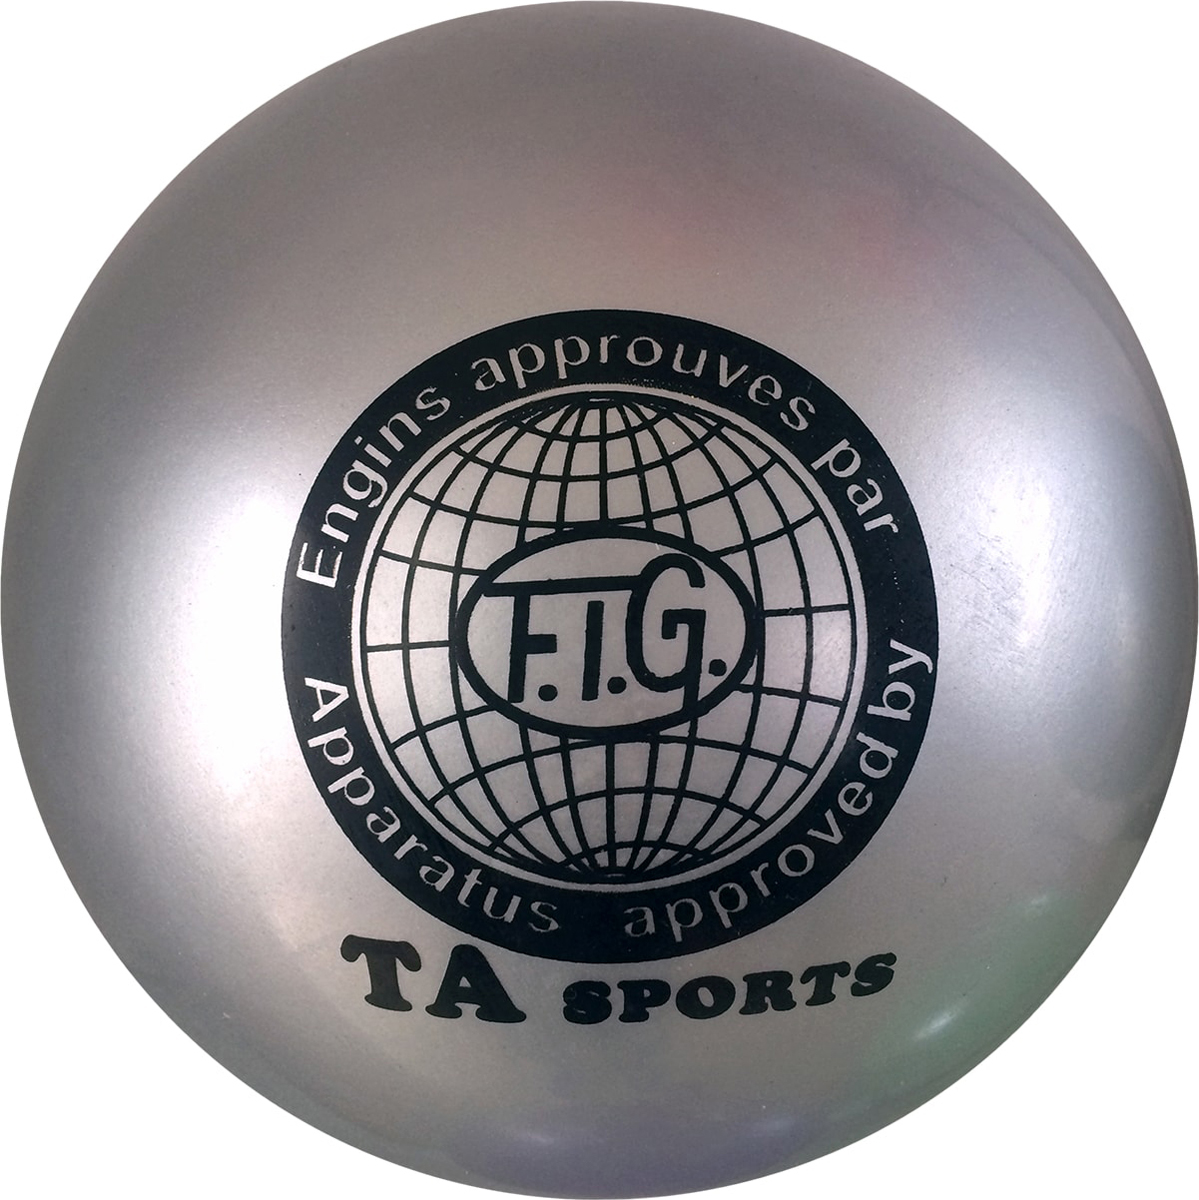 Мяч для художественной гимнастики TA-Sport RGB-101, цвет: серый, диаметр 19 смУТ-00010335Практичный и надежный мяч для художественной гимнастики от TA-Sport выполнен из прочного ПВХ яркого цвета без блесток. Мяч диаметром 19 см предназначен для спортсменок-юниоров и взрослых гимнасток. Как правило, цвет мяча подбирается под образ и костюм гимнастки.Хранить мяч нужно в чехле, чтобы на нем не появились царапины. В зимнее время следует использовать утепленный чехол, чтобы мяч не сдувался от перепада температуры. Желательно избегать попадания прямых солнечных лучей.